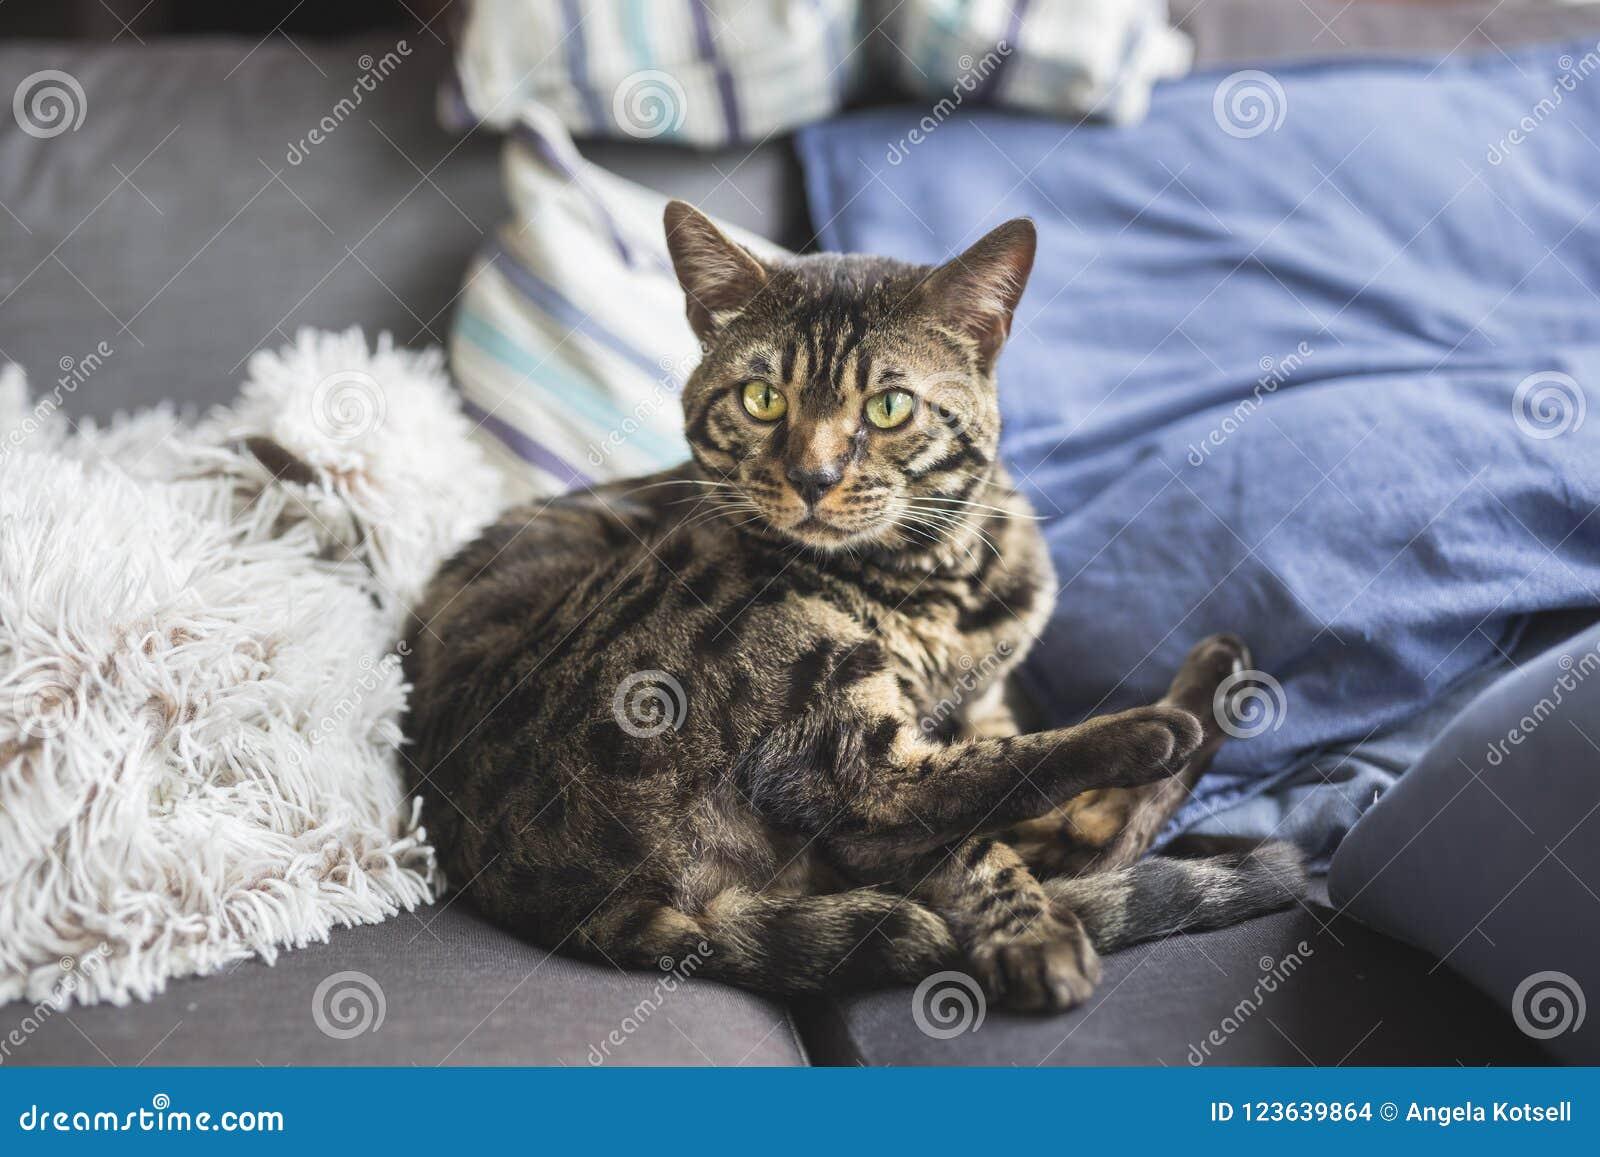 Bengal cat at home